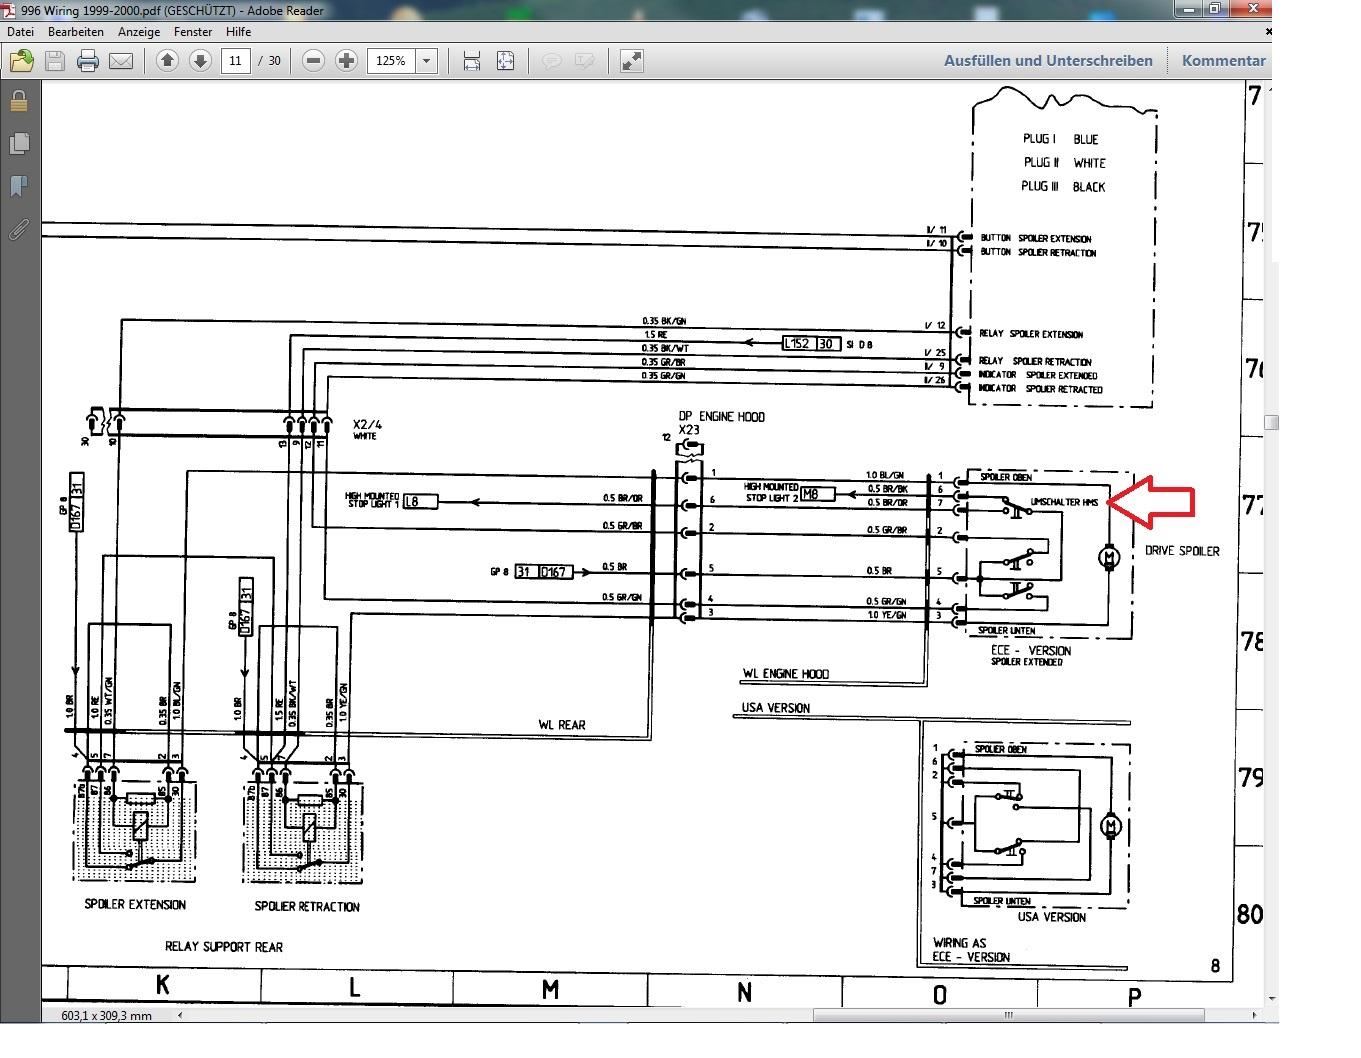 [WRG-9599] 2006 Porsche Cayenne Wiring Diagram